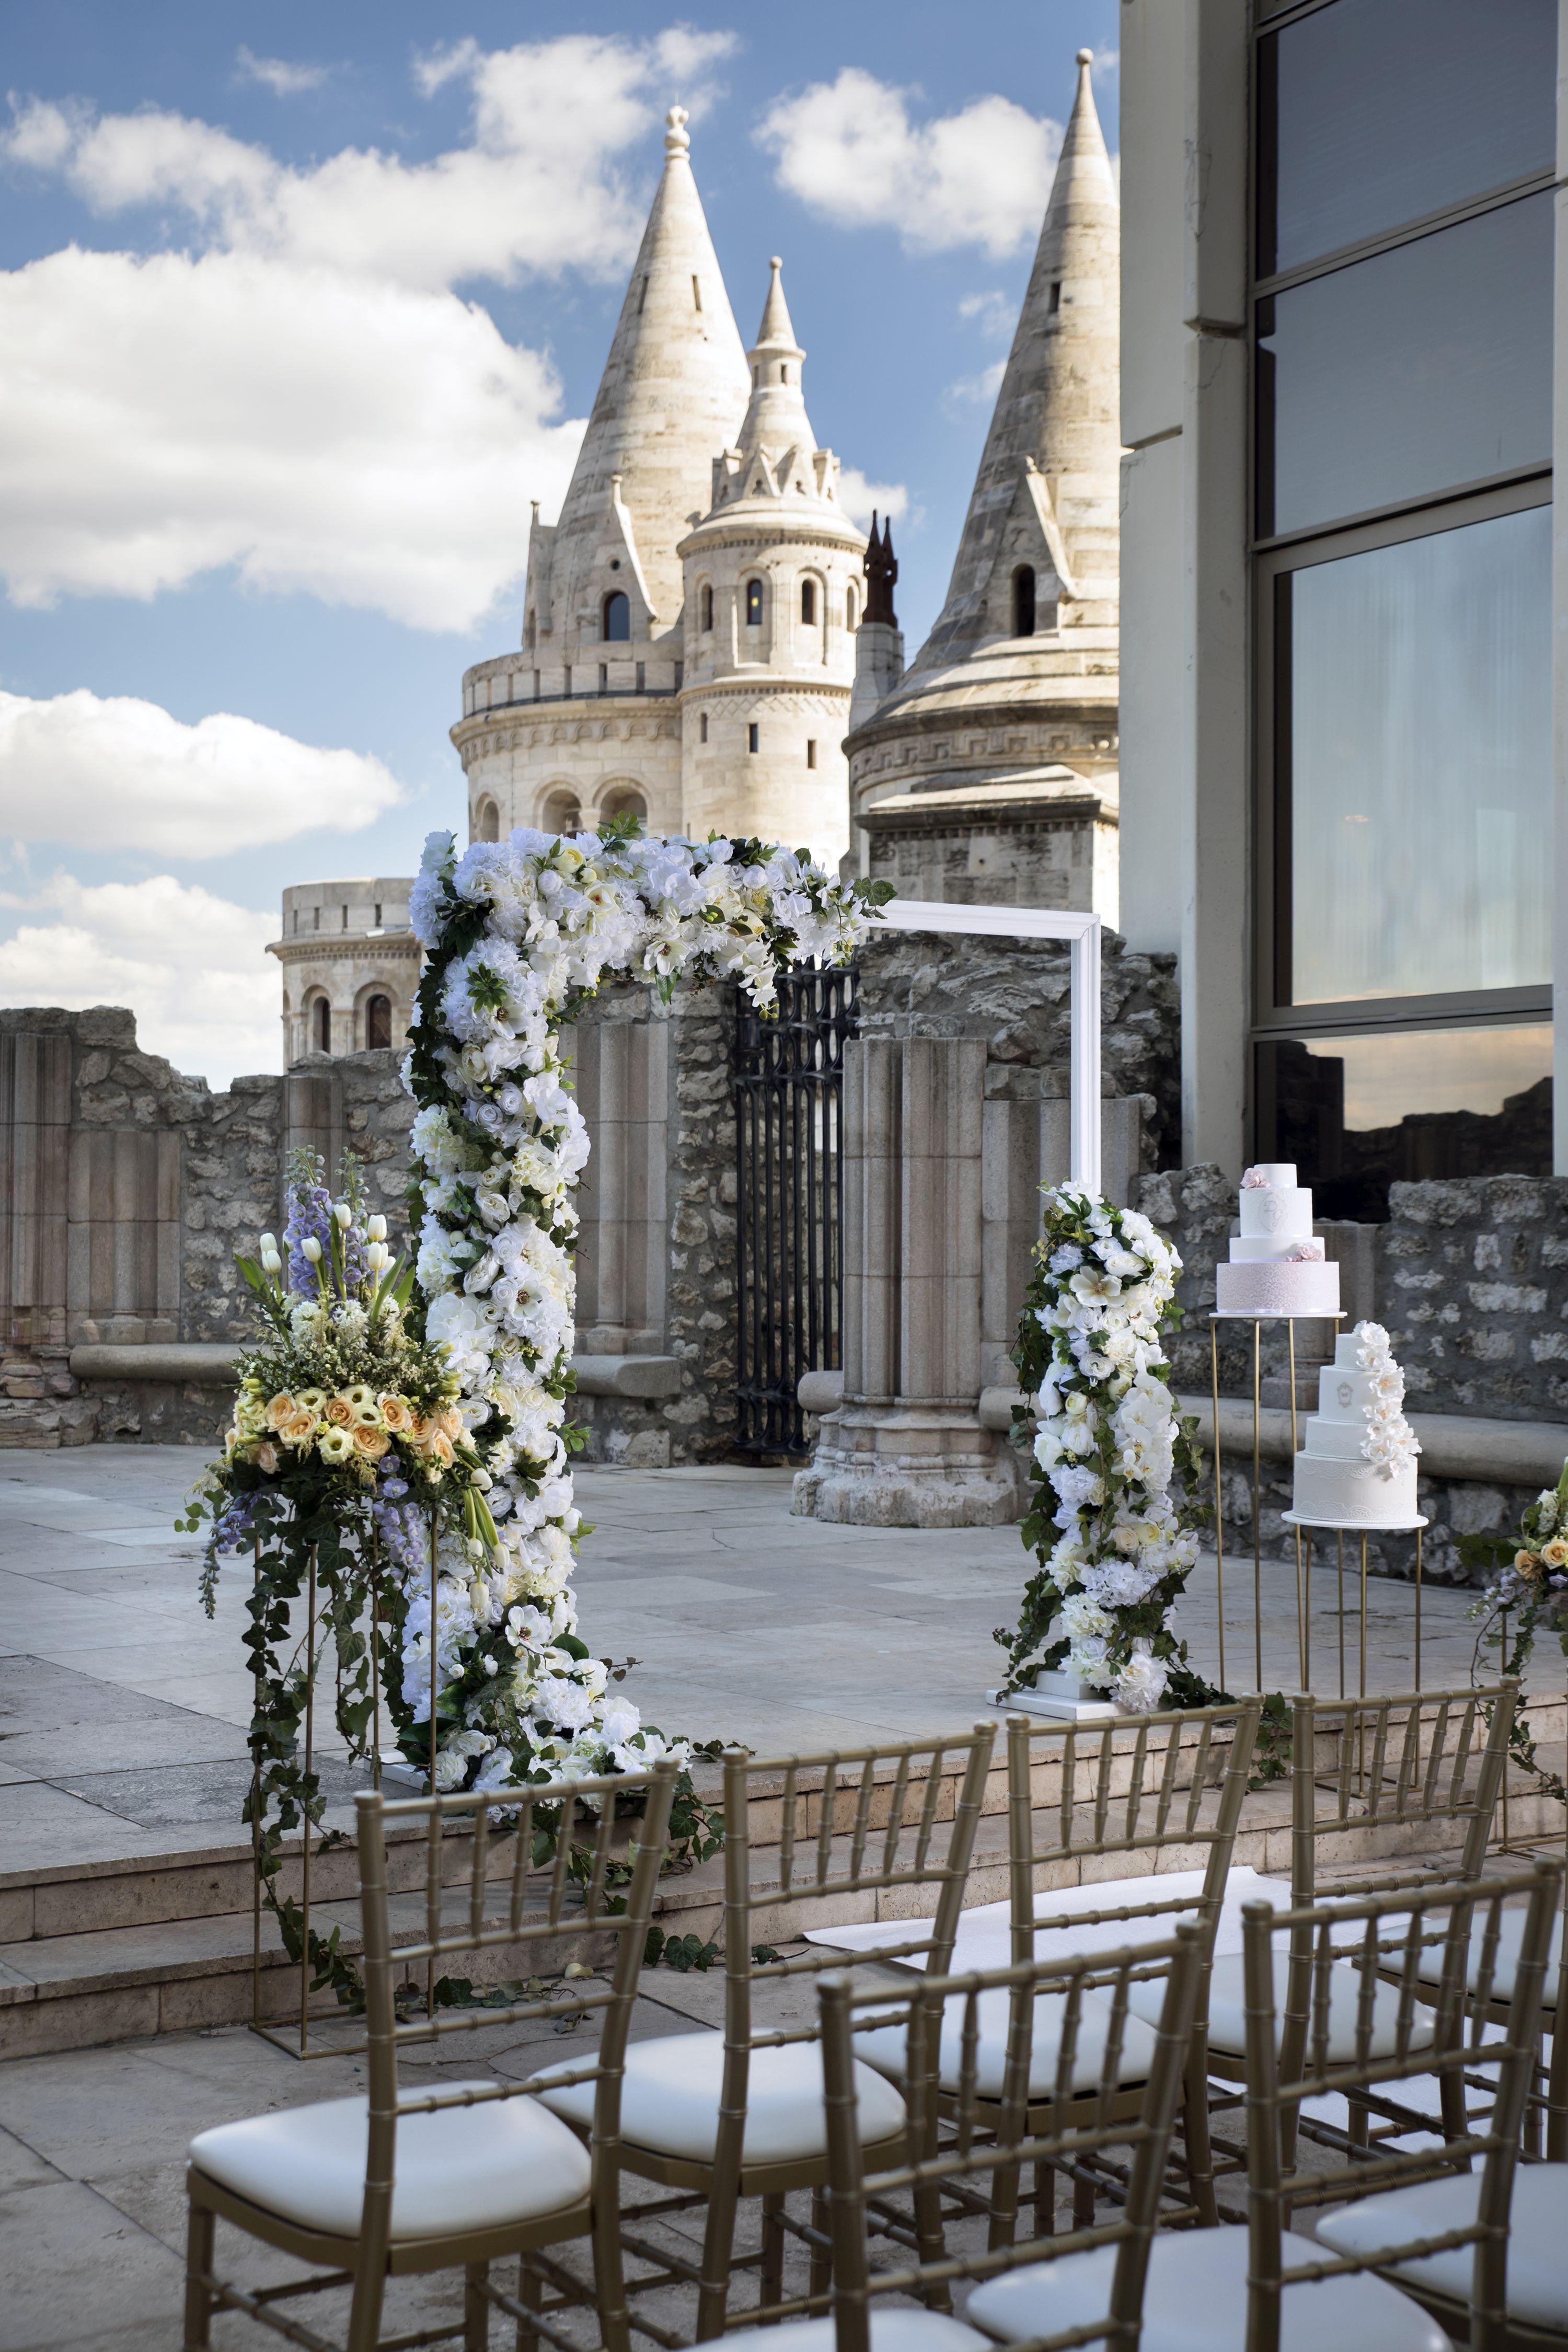 06d44dc54f A lehetséges esküvő helyszínek között számos Danubius szálloda érdemli meg  a figyelmet Budapesten, amelyek minden igénynek megfelelnek. Nézzük csak  sorban!